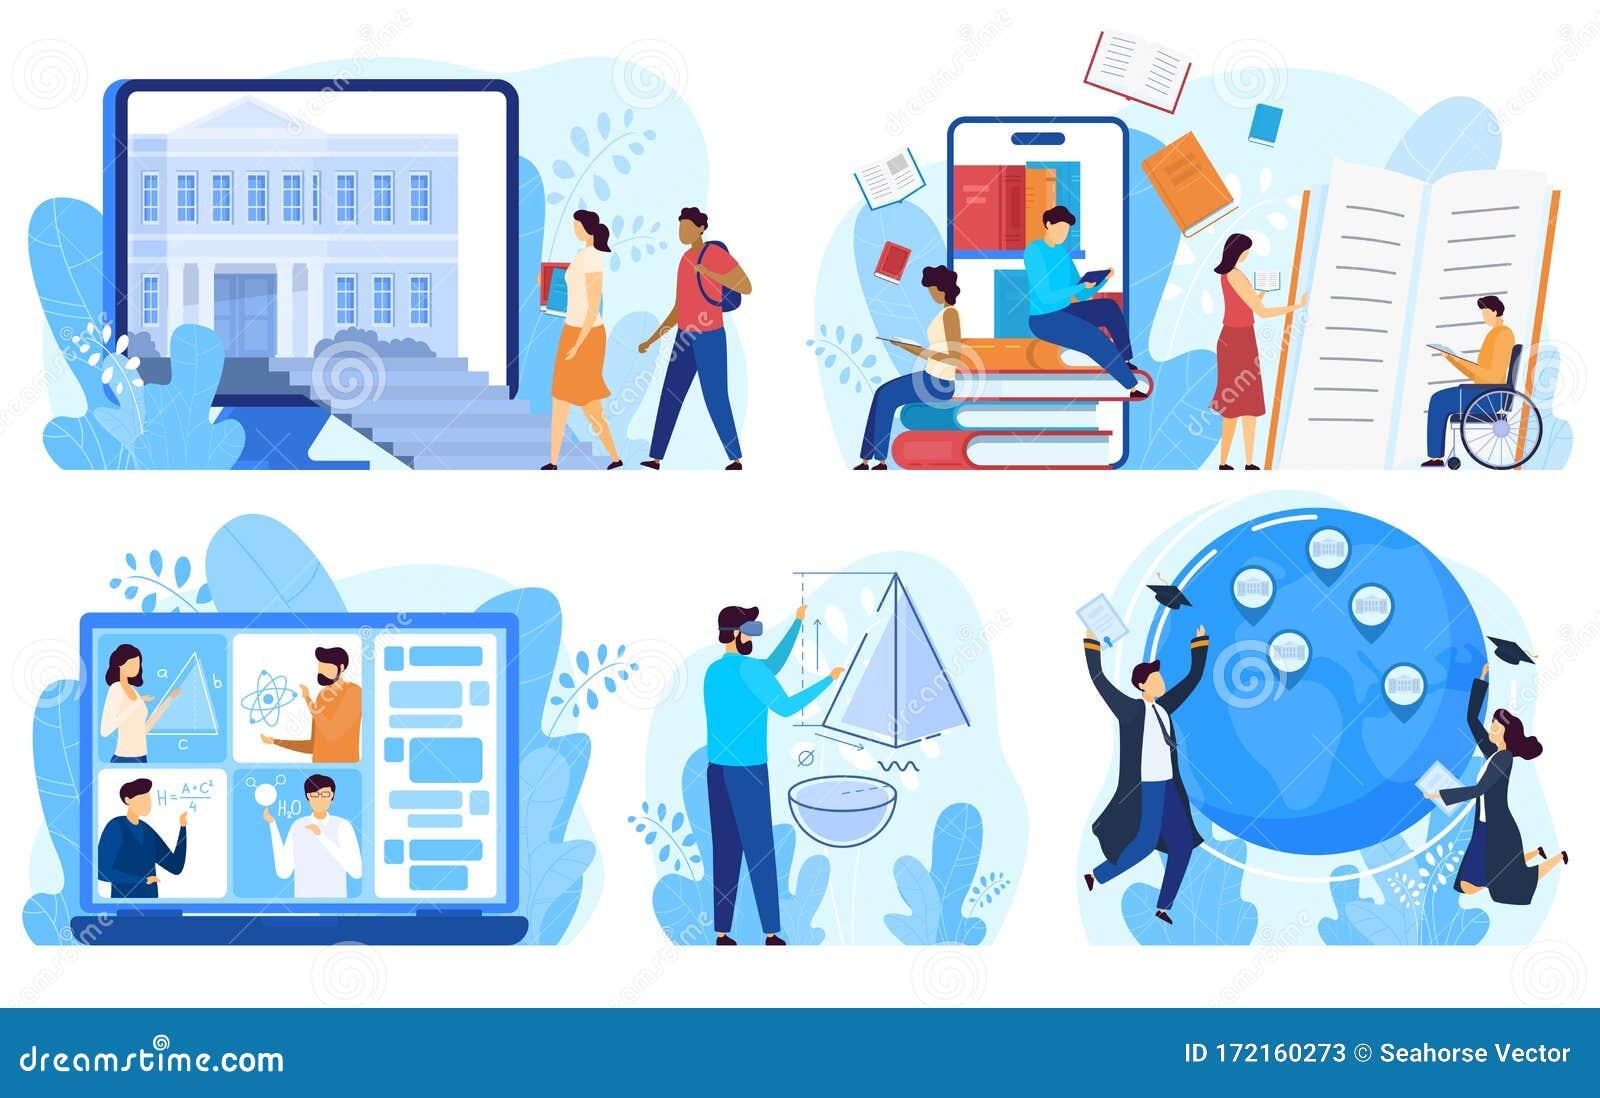 Educación A Distancia Y Concepto De Aprendizaje En Línea Ilustración Vectorial Ilustración Del Vector Ilustración De Conjunto Creativo 172160273